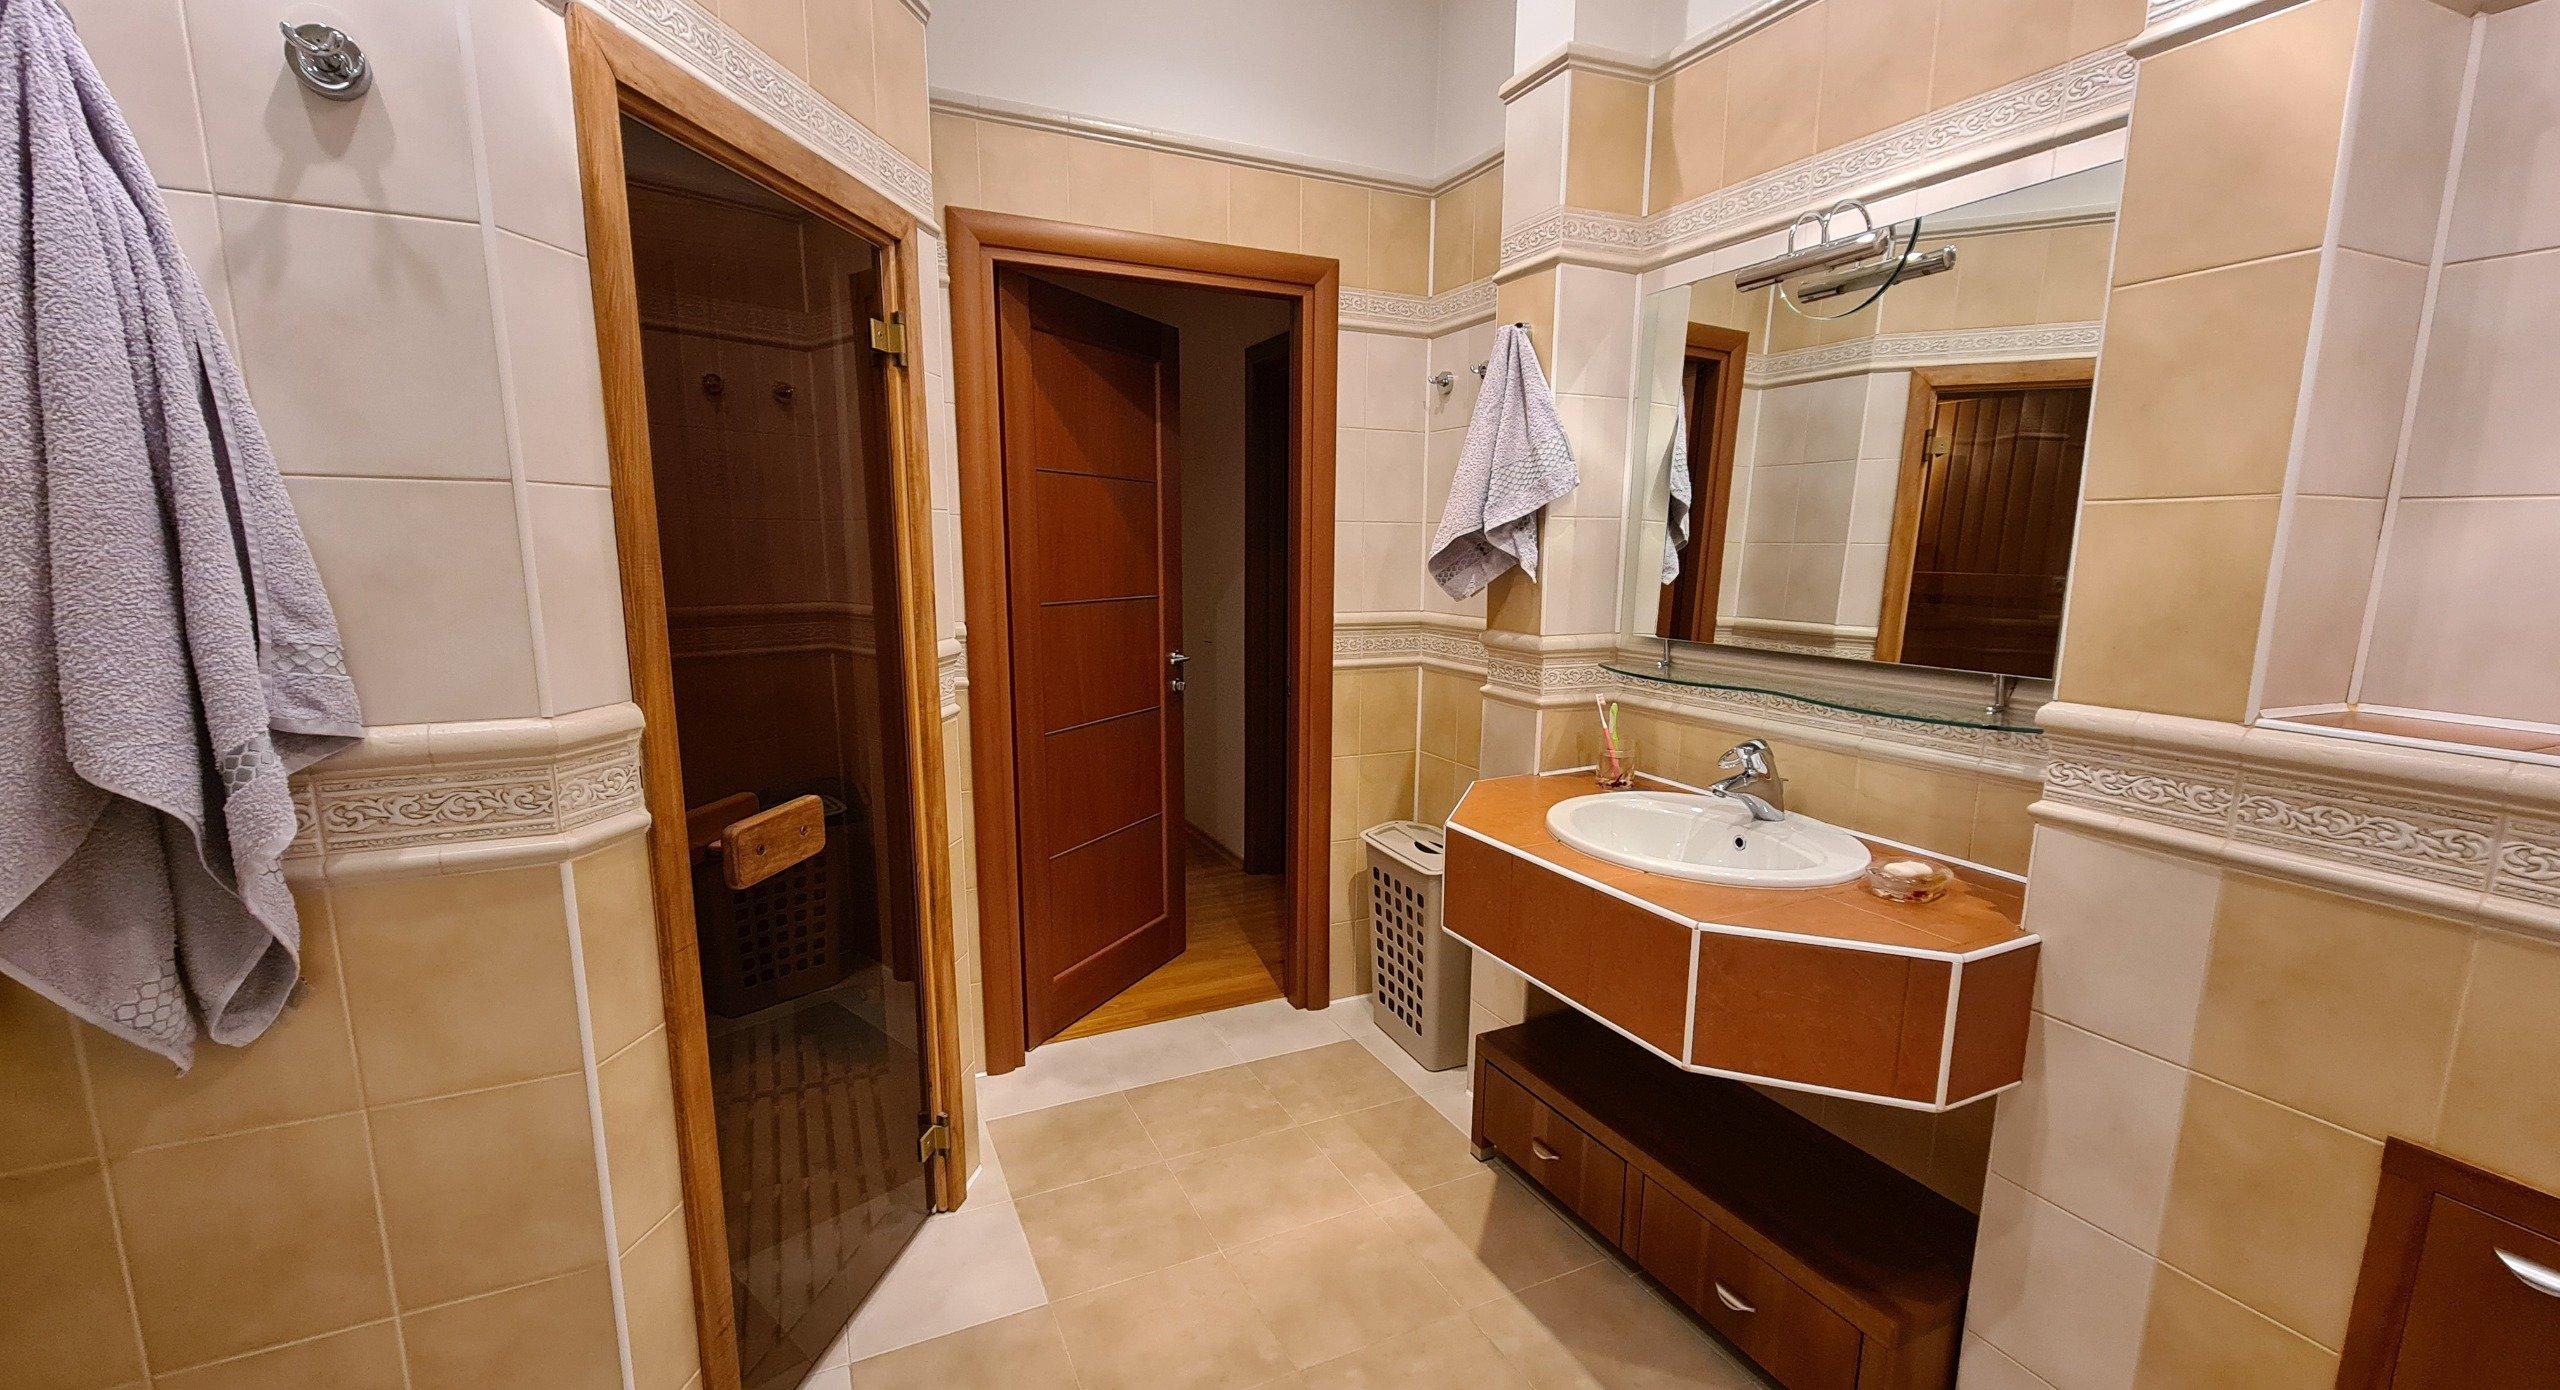 4к квартира ул Елены Стасовой, д 25 | 70000 | аренда в Красноярске фото 16